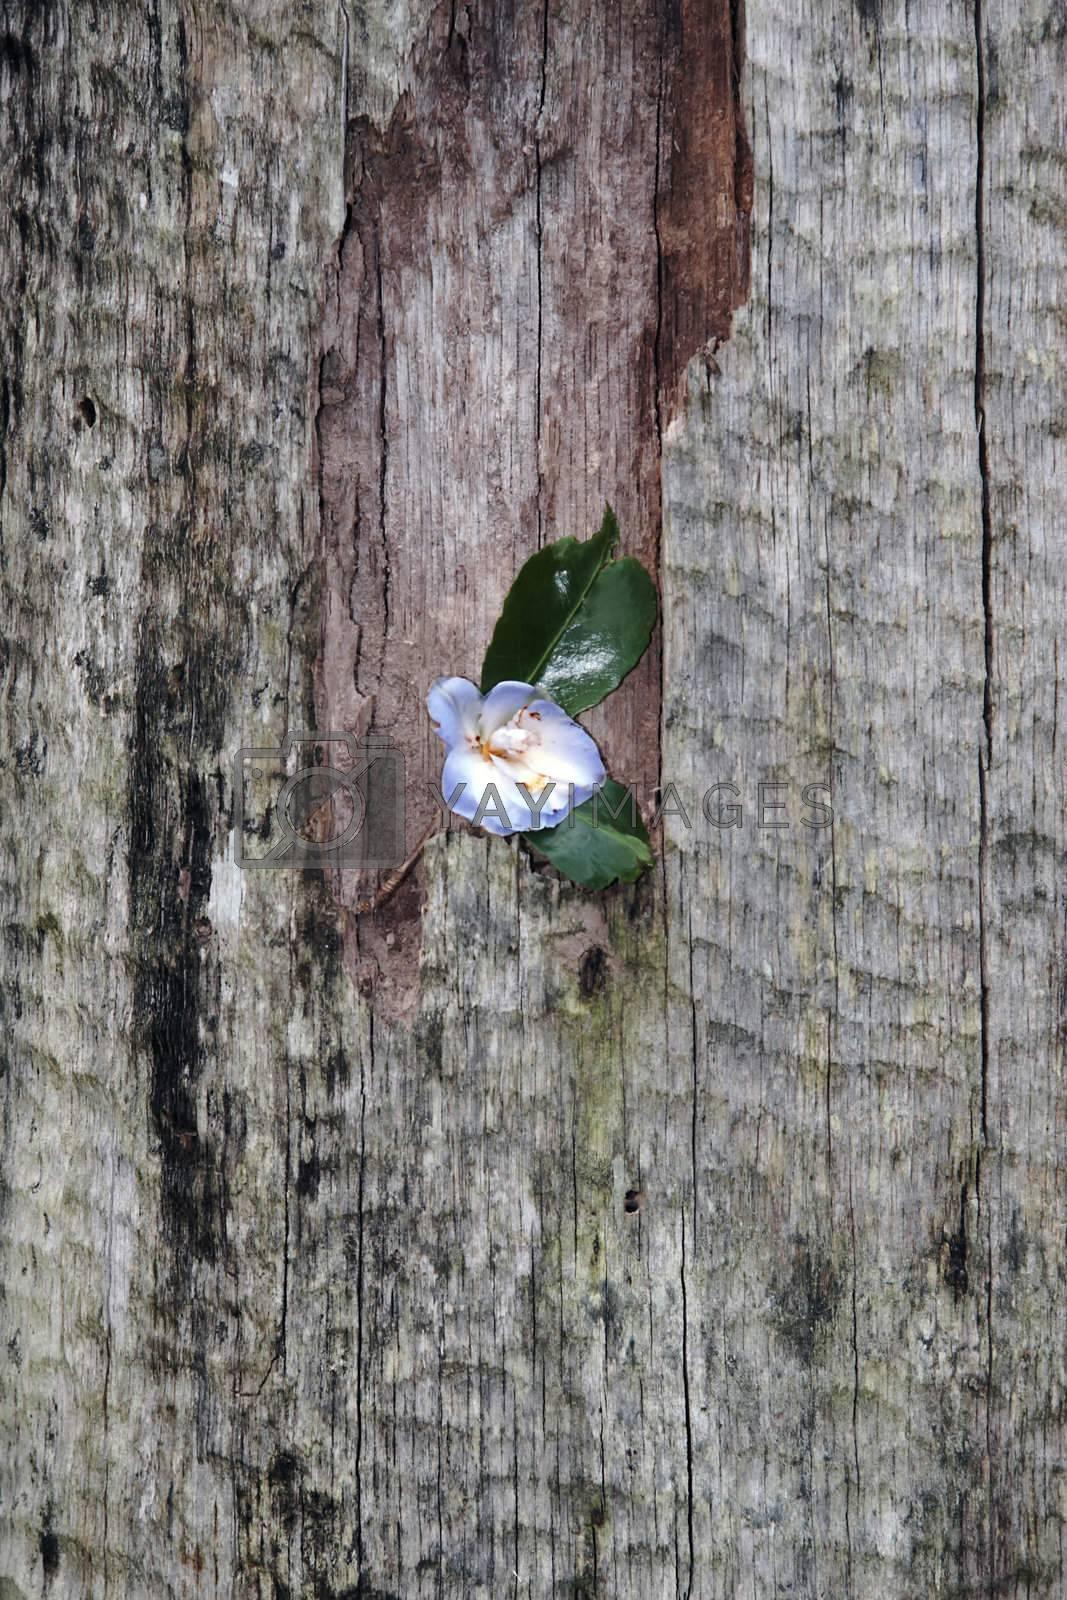 flower against the tree bark